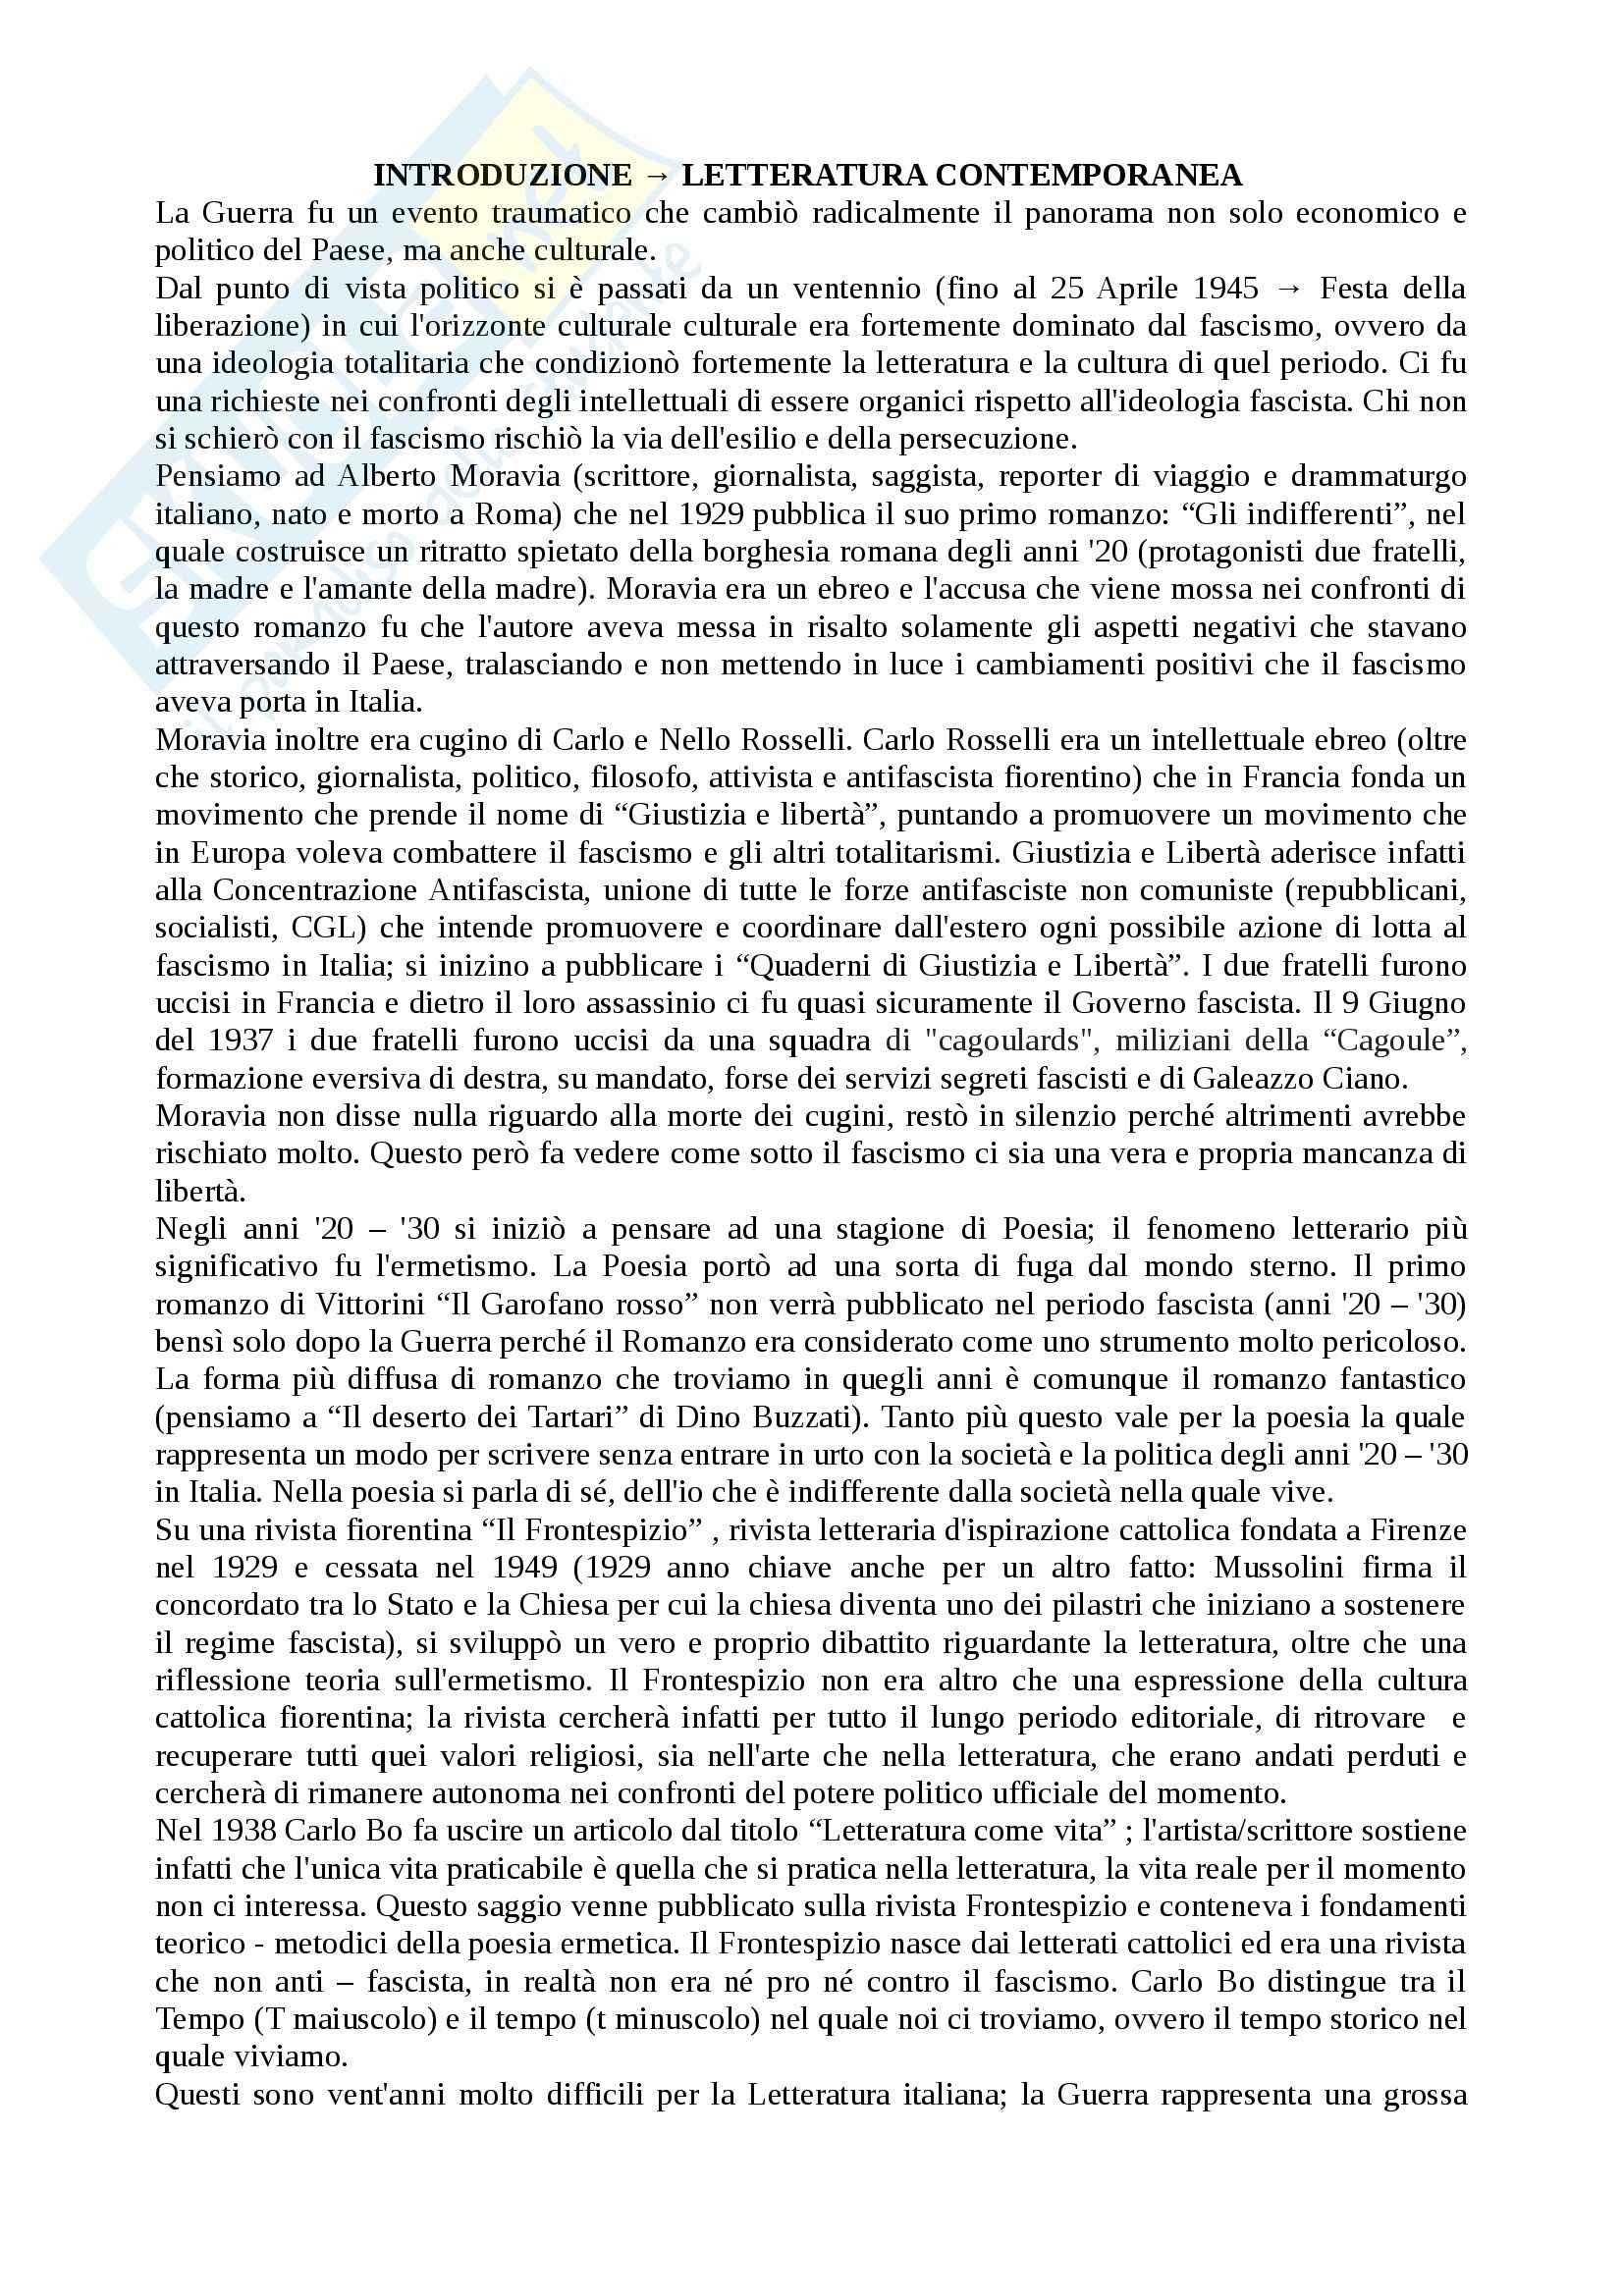 Letteratura contemporanea - Pasolini/Sereni/Fortini